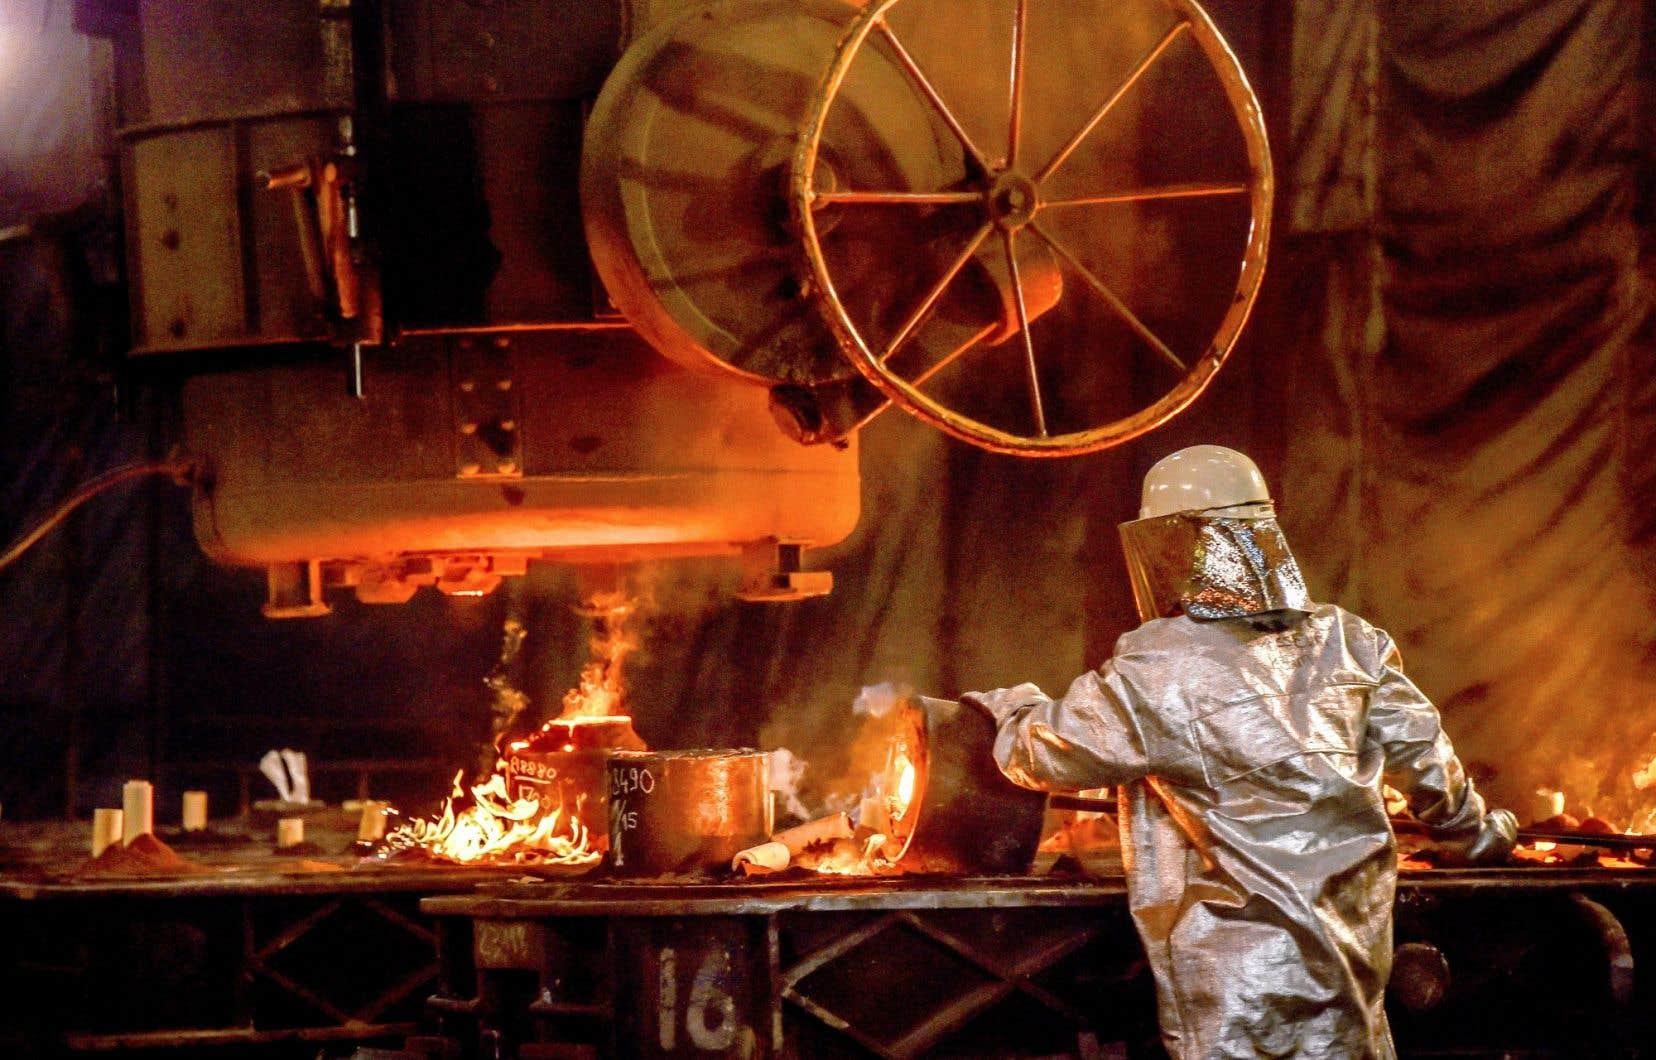 L'industrie de la sidérurgie s'inquète des nouveaux quotas d'émission.